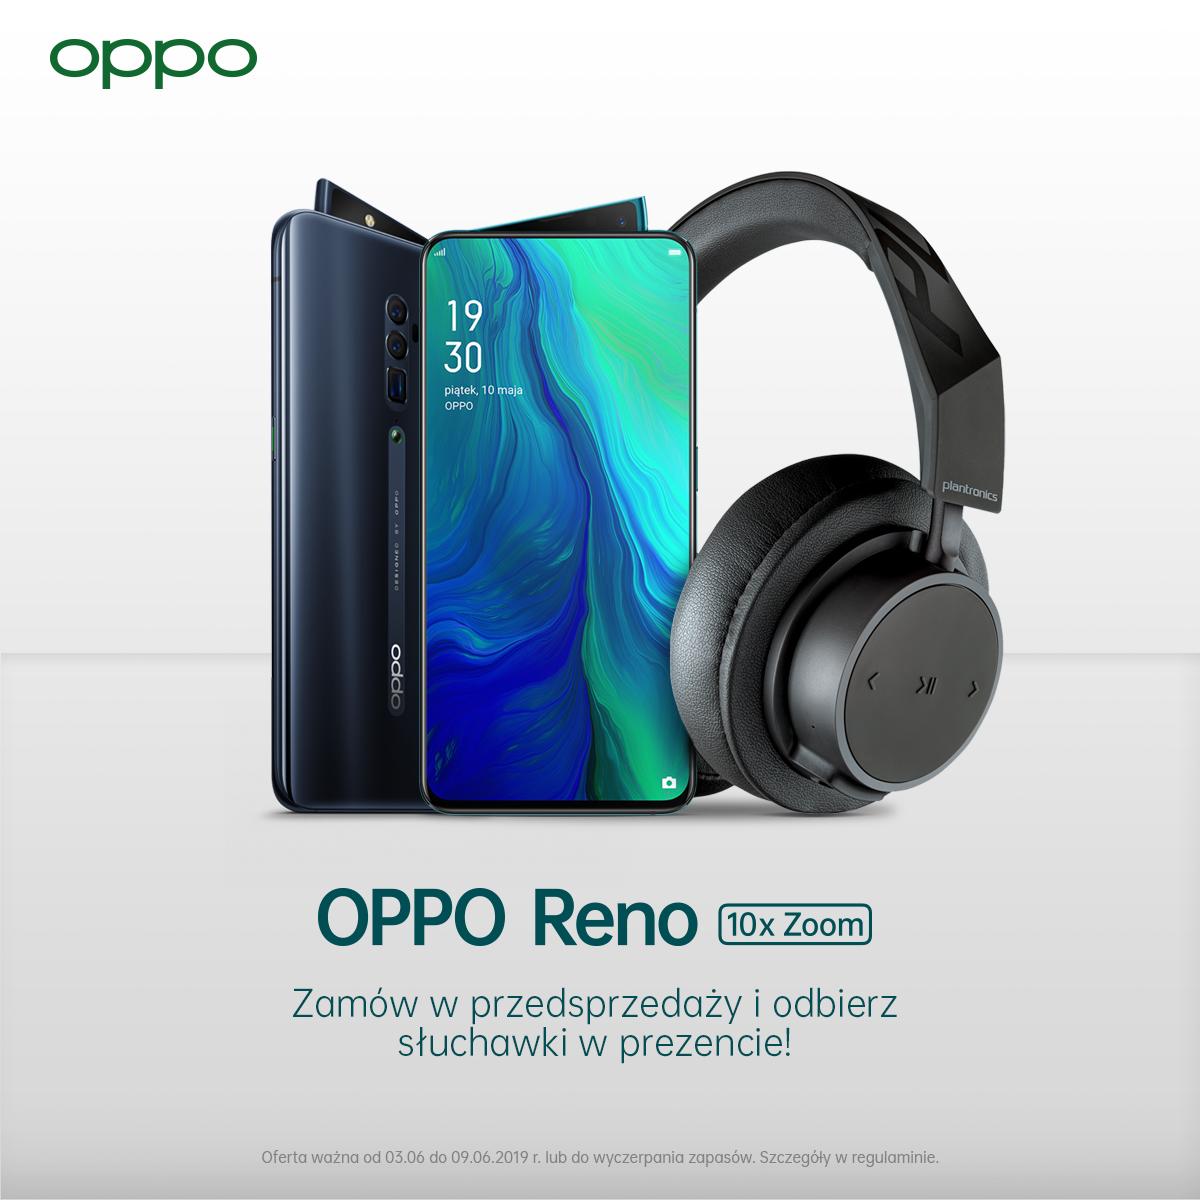 Przedsprzedaż Oppo Reno 10x Zoom cena w Polsce gdzie kupić najtaniej bonus opinie